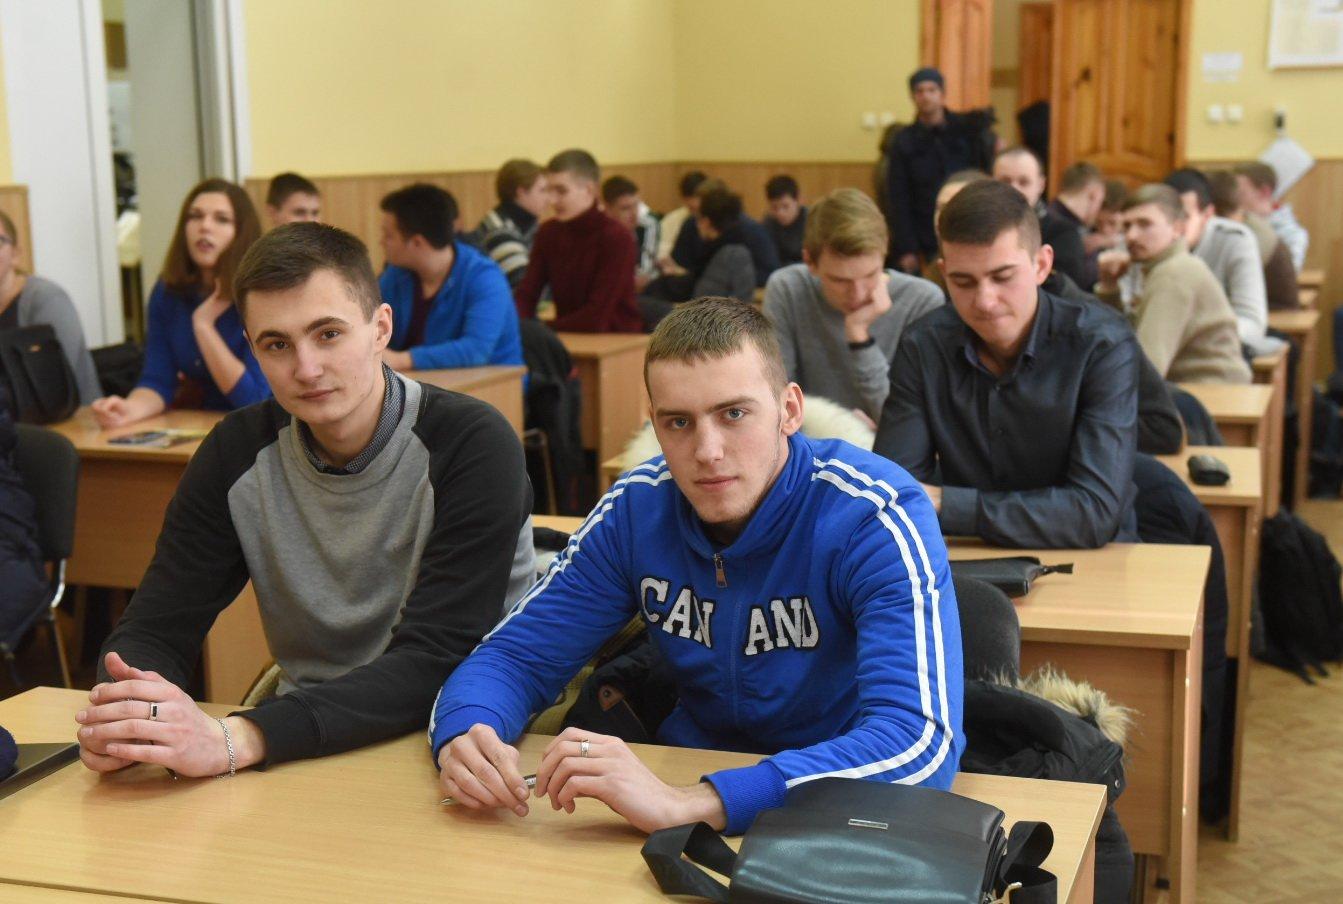 Юные авиаторы из Днепропетровской области дошли до финала престижного проекта, фото-1